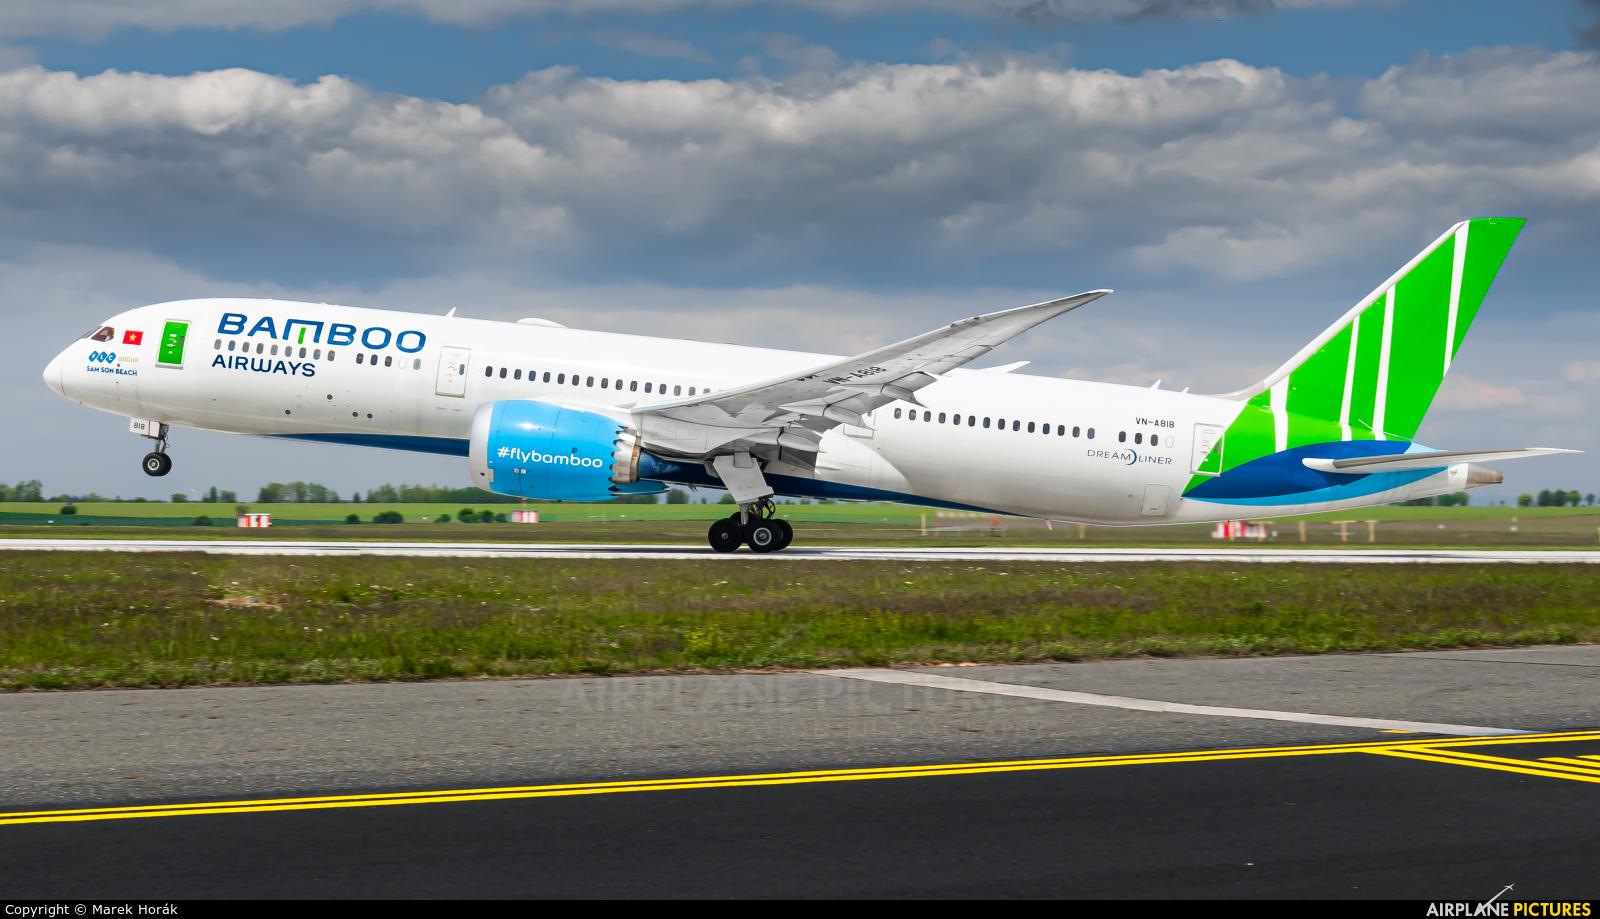 Bamboo Airways VN-A818 aircraft at Prague - Václav Havel